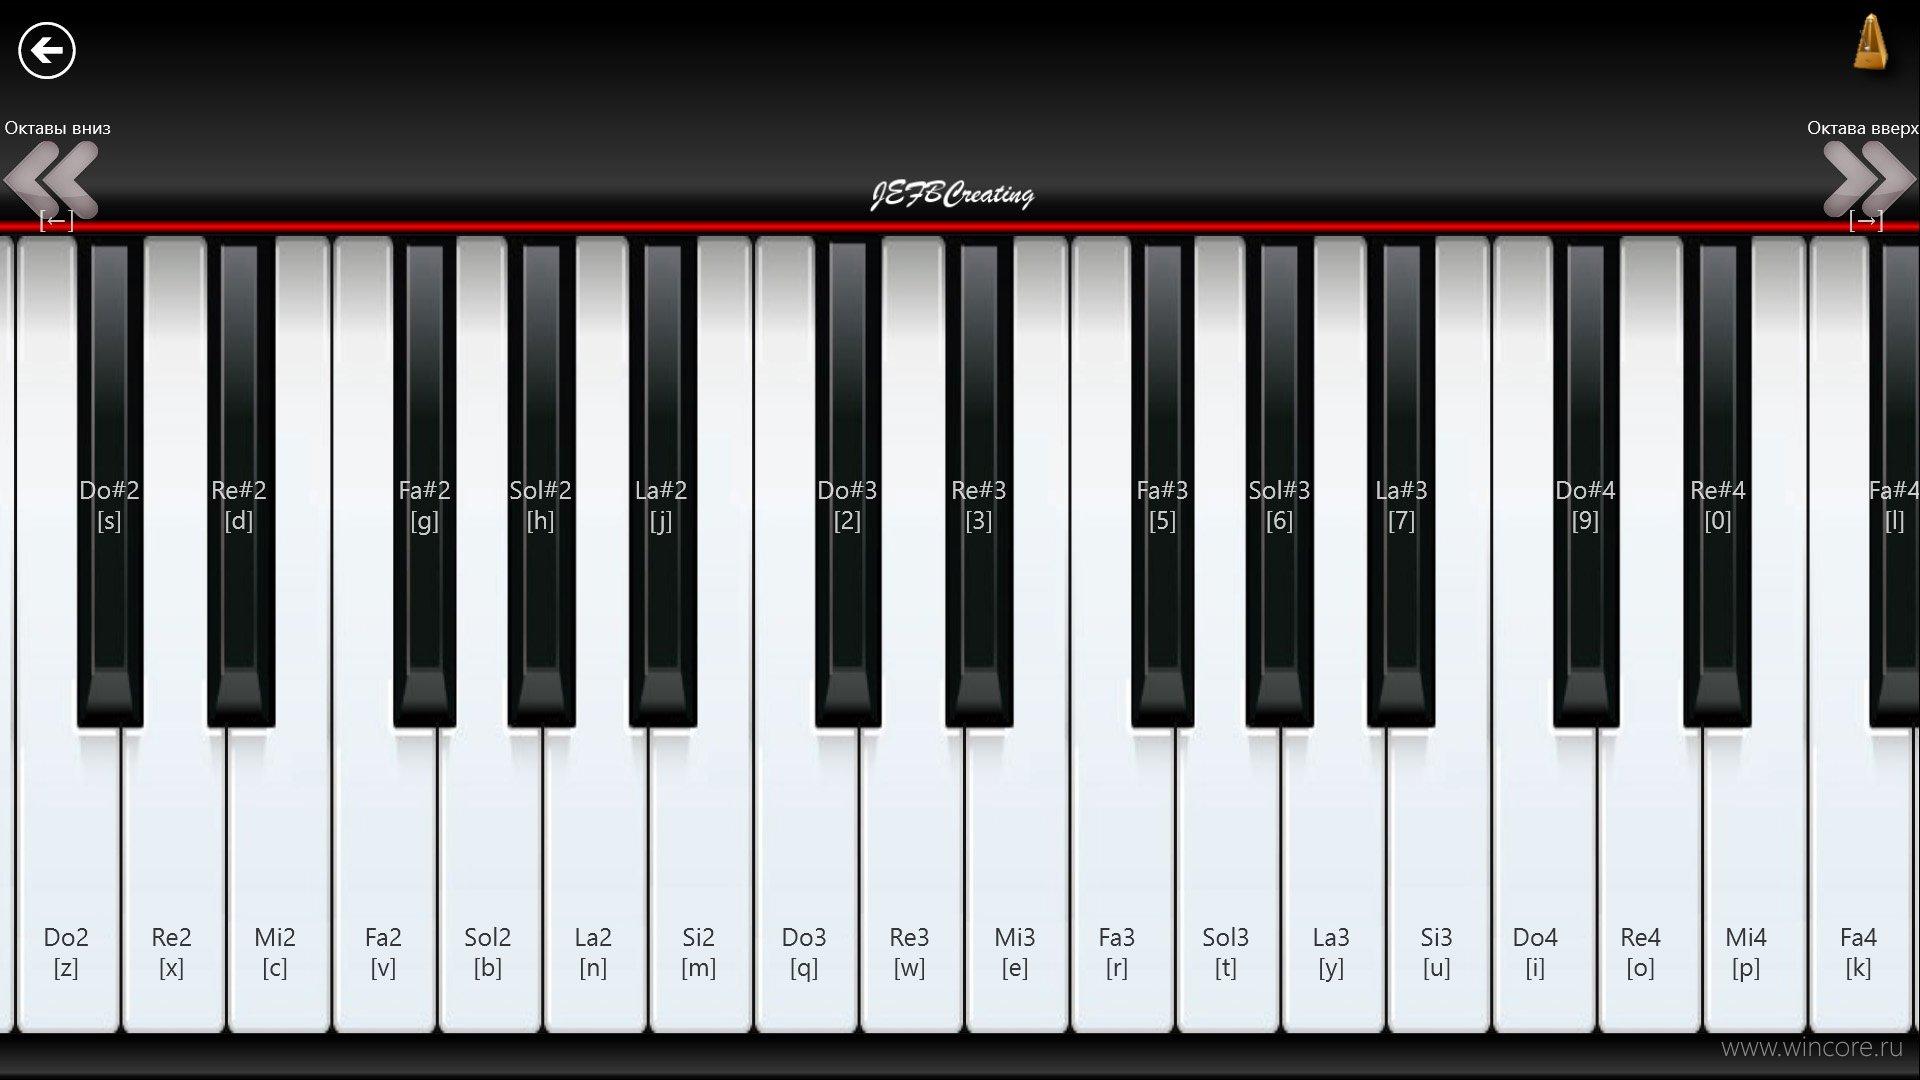 Скачать бесплатно программу виртуального пианино